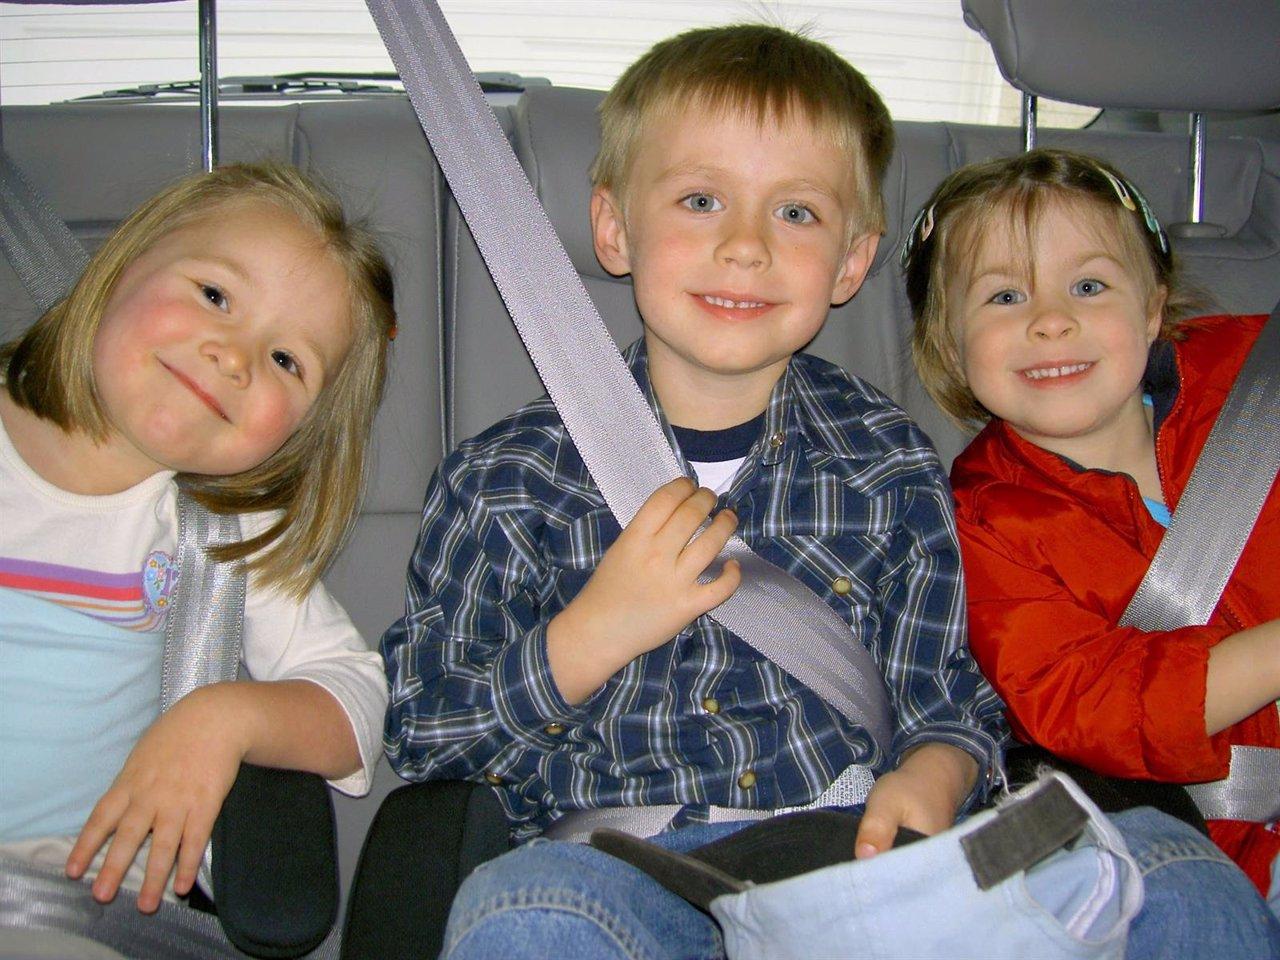 Niños con el cinturón de seguridad puesto